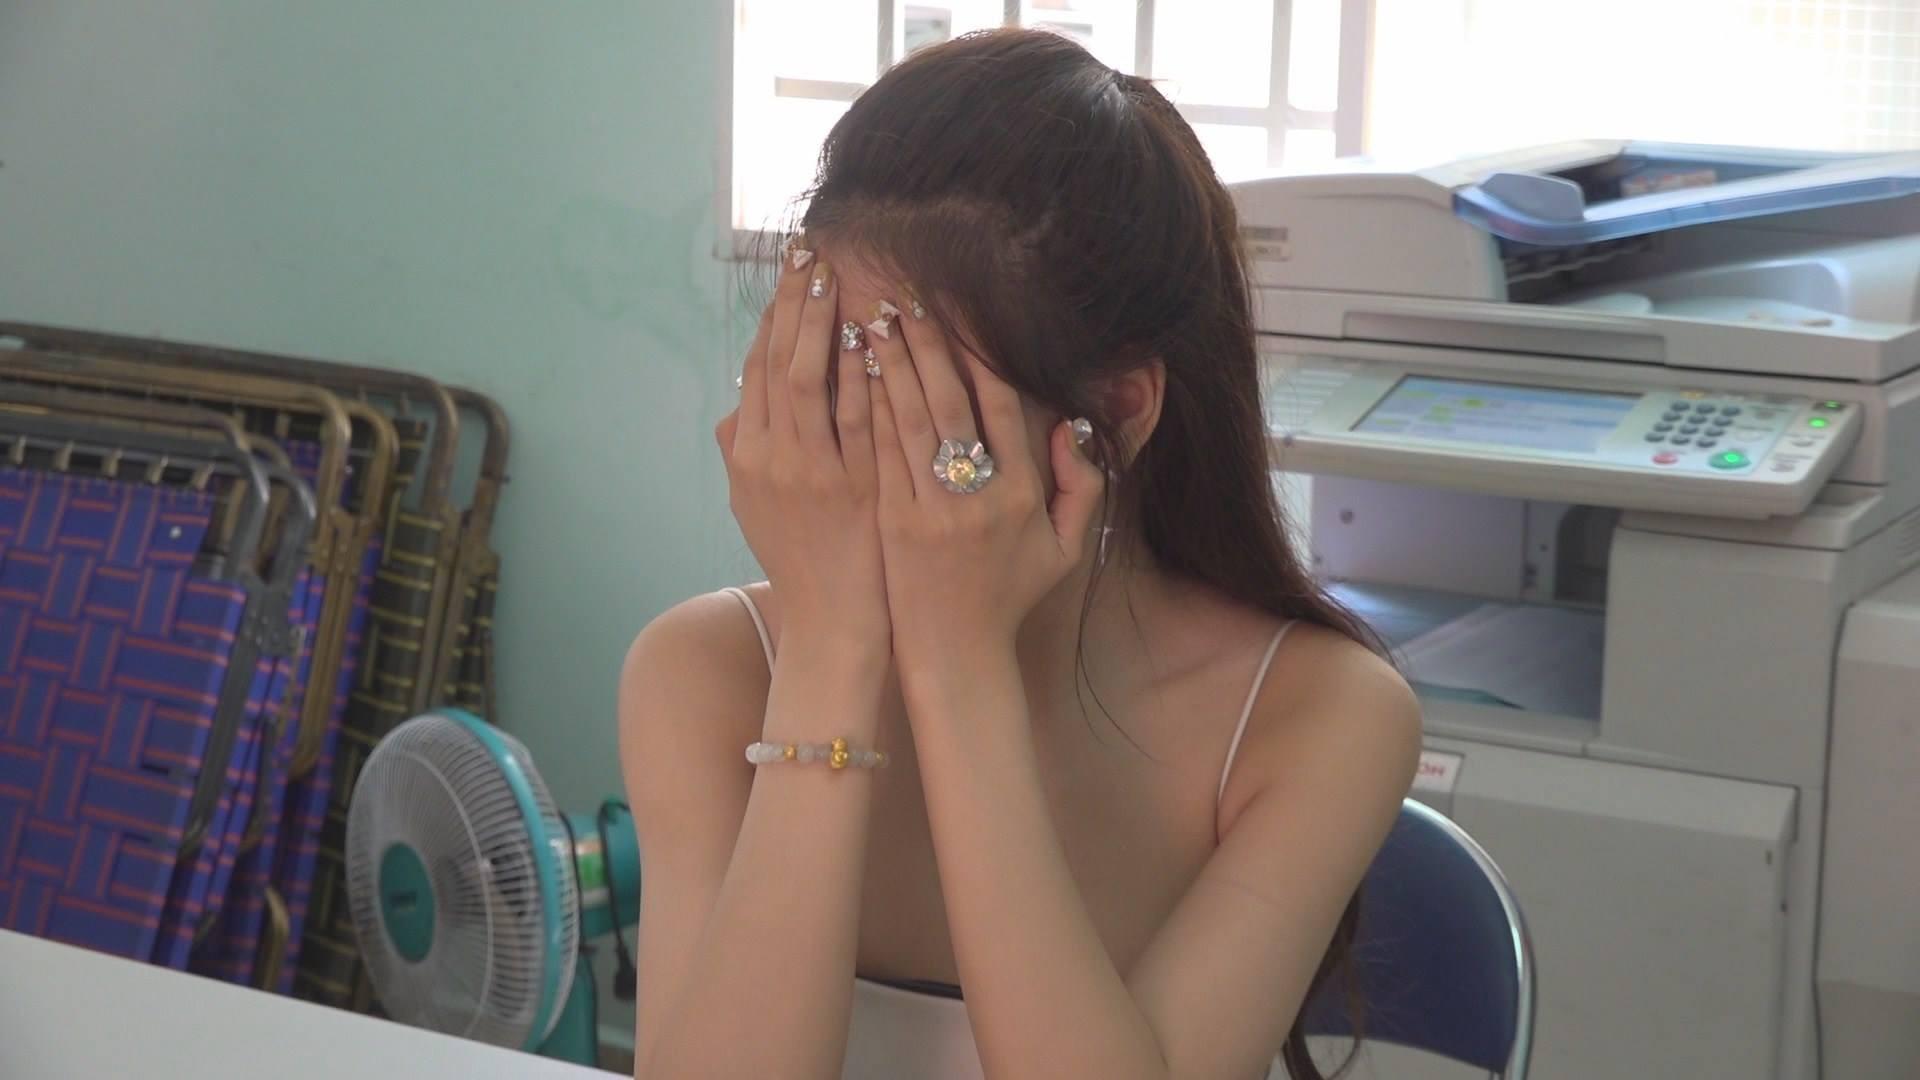 Á hậu, bán dâm, Thư Dung, Cao Vy, Thái Mỹ Linh, tin8,